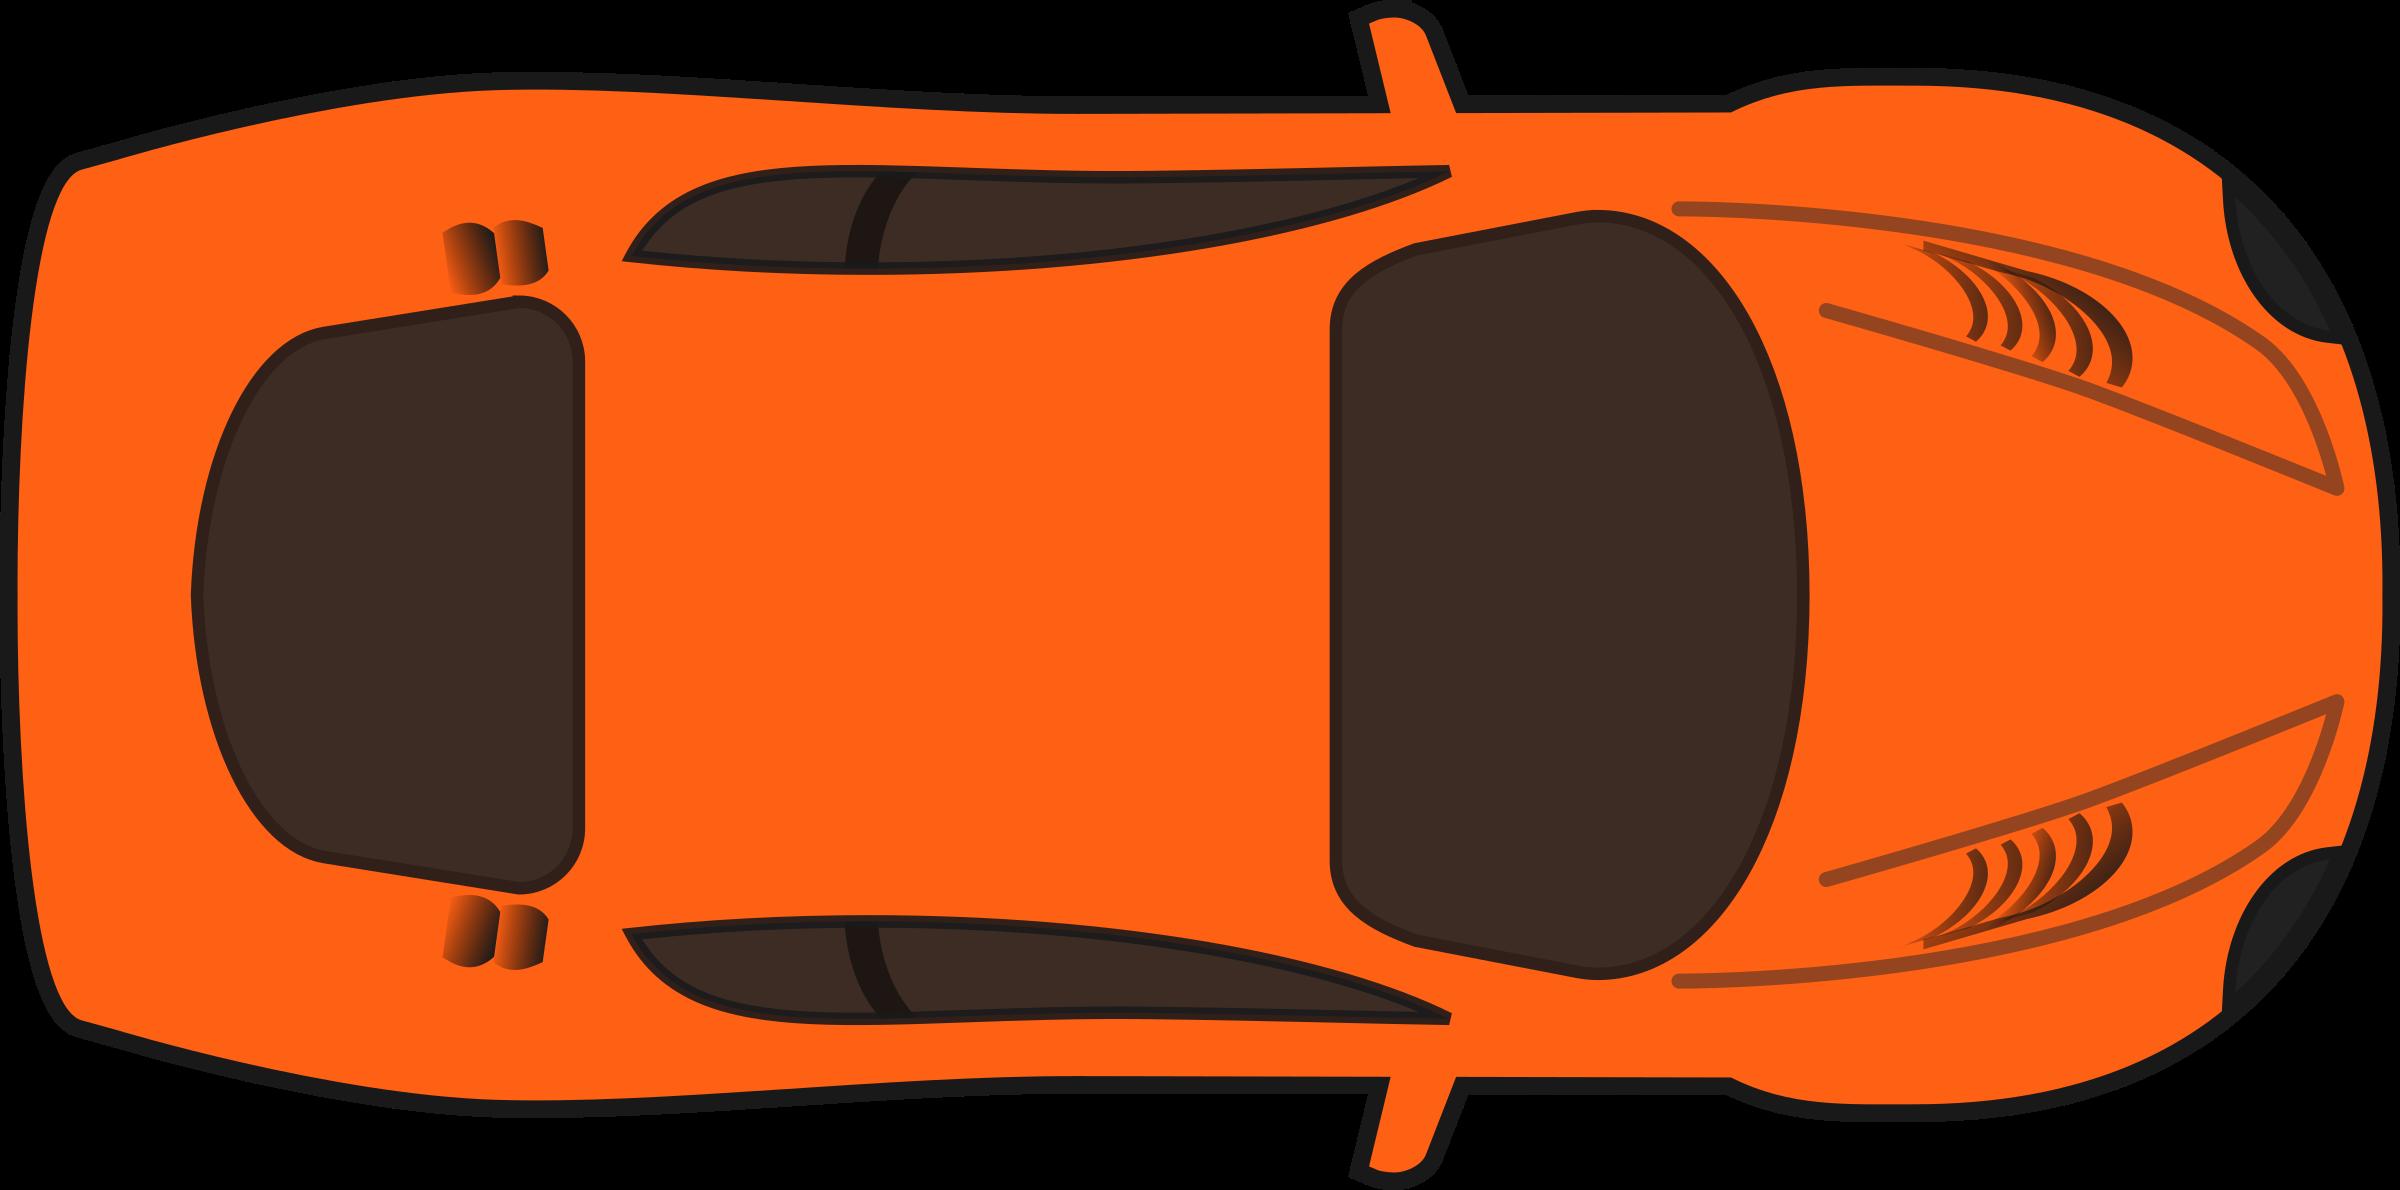 car clipart games - photo #9